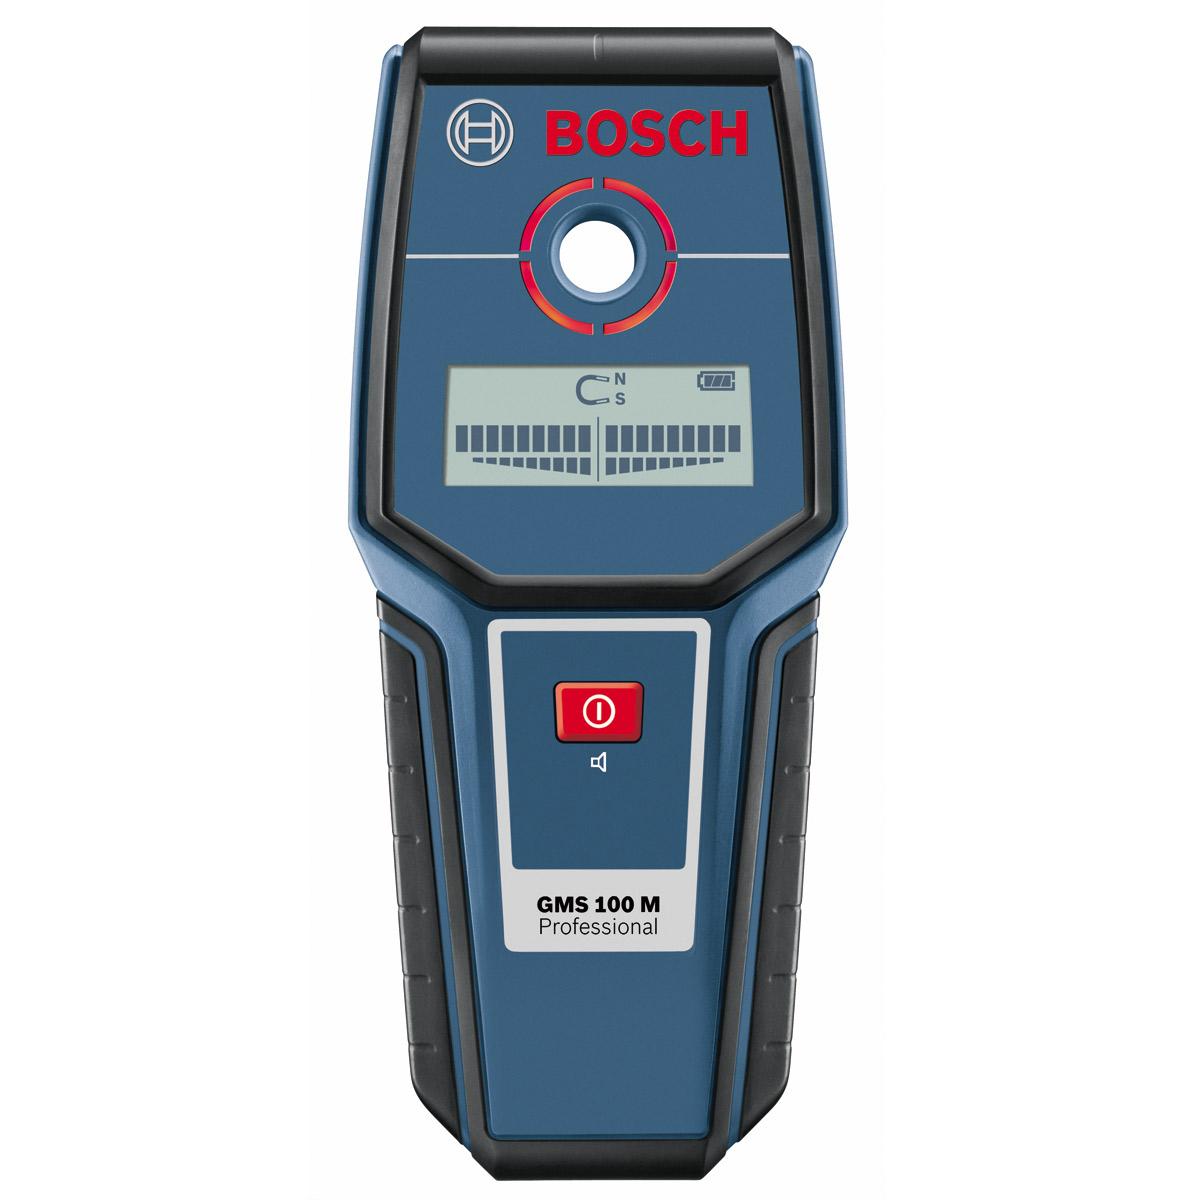 Univerzální detektor kovů Bosch GMS 100 M Professional